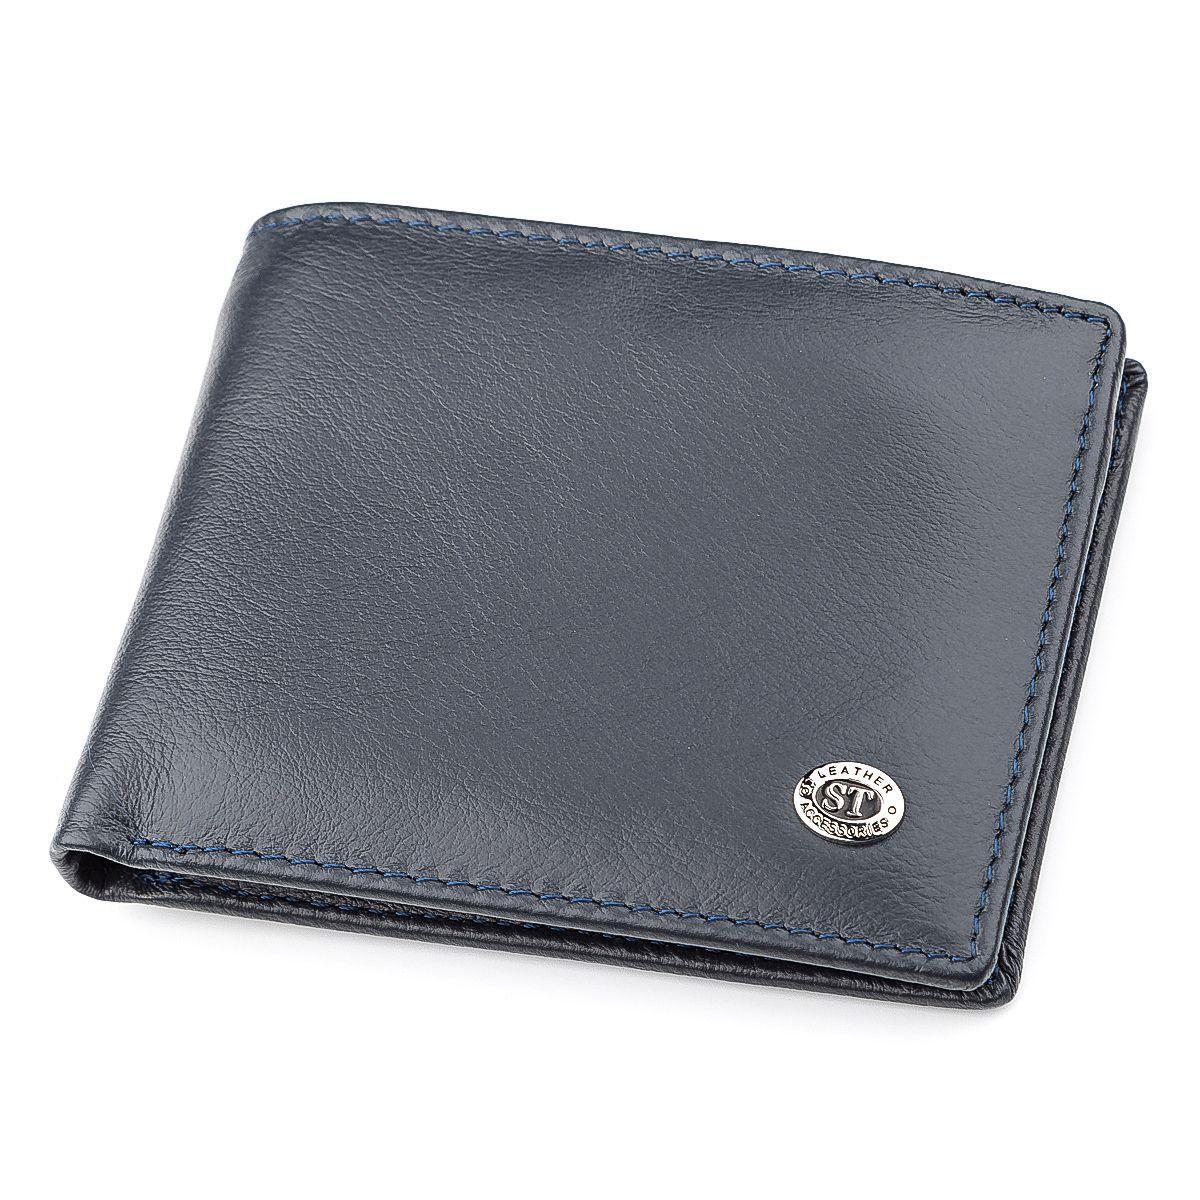 Мужской кошелек ST Leather 18351 (ST-1) компактный Синий, Синий